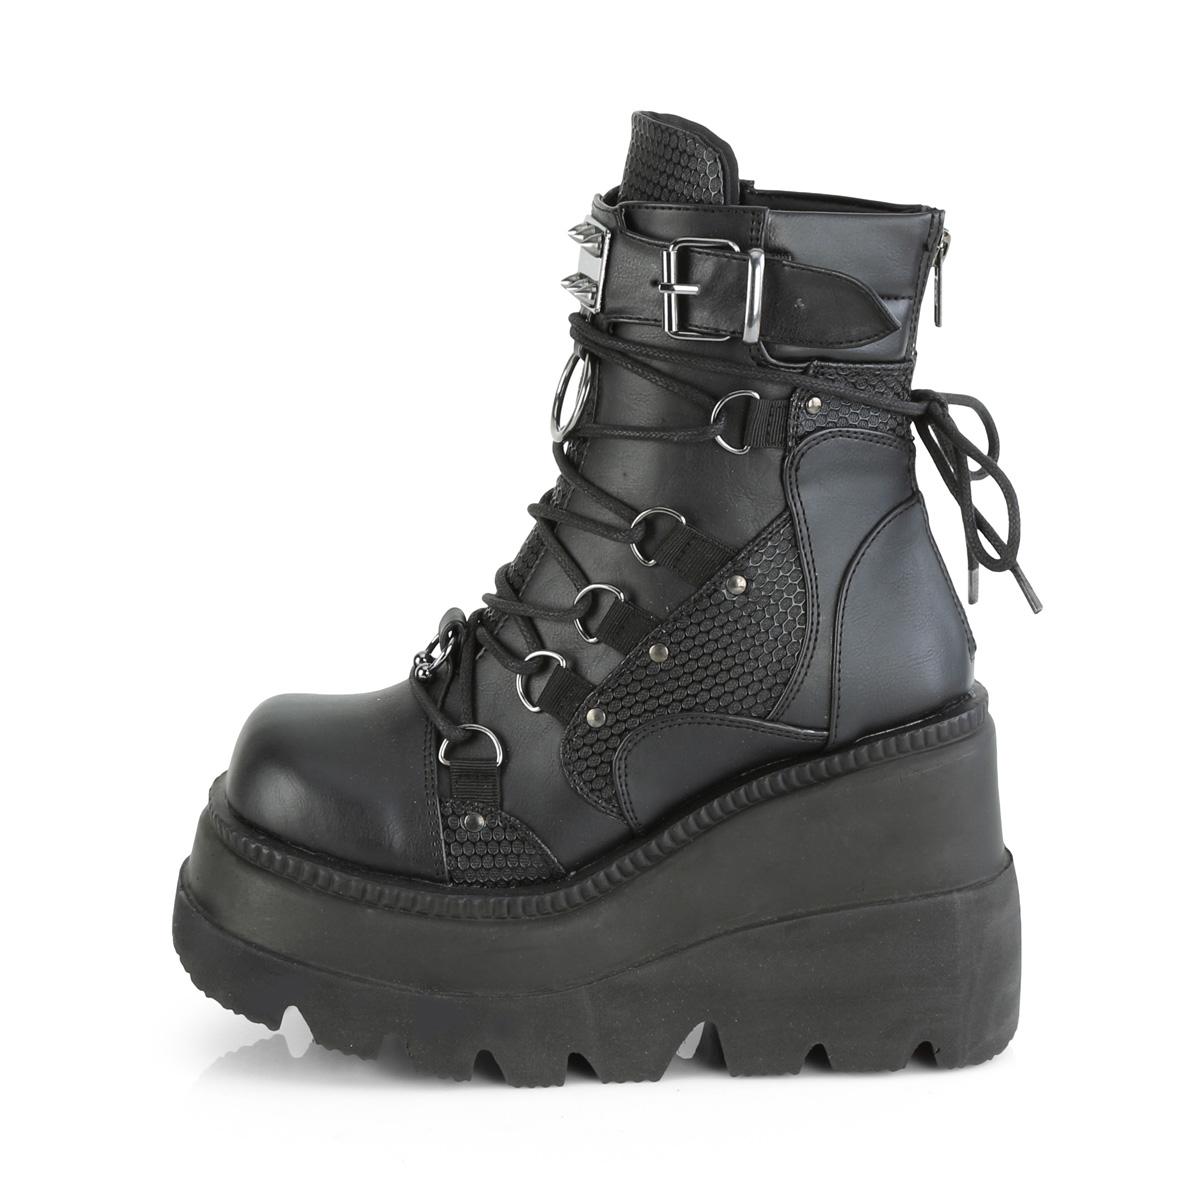 Demonia(デモニア) SHAKER-60 ウェッジソールブーツ 厚底ショートブーツ バックジップ つや消し黒◆取り寄せ